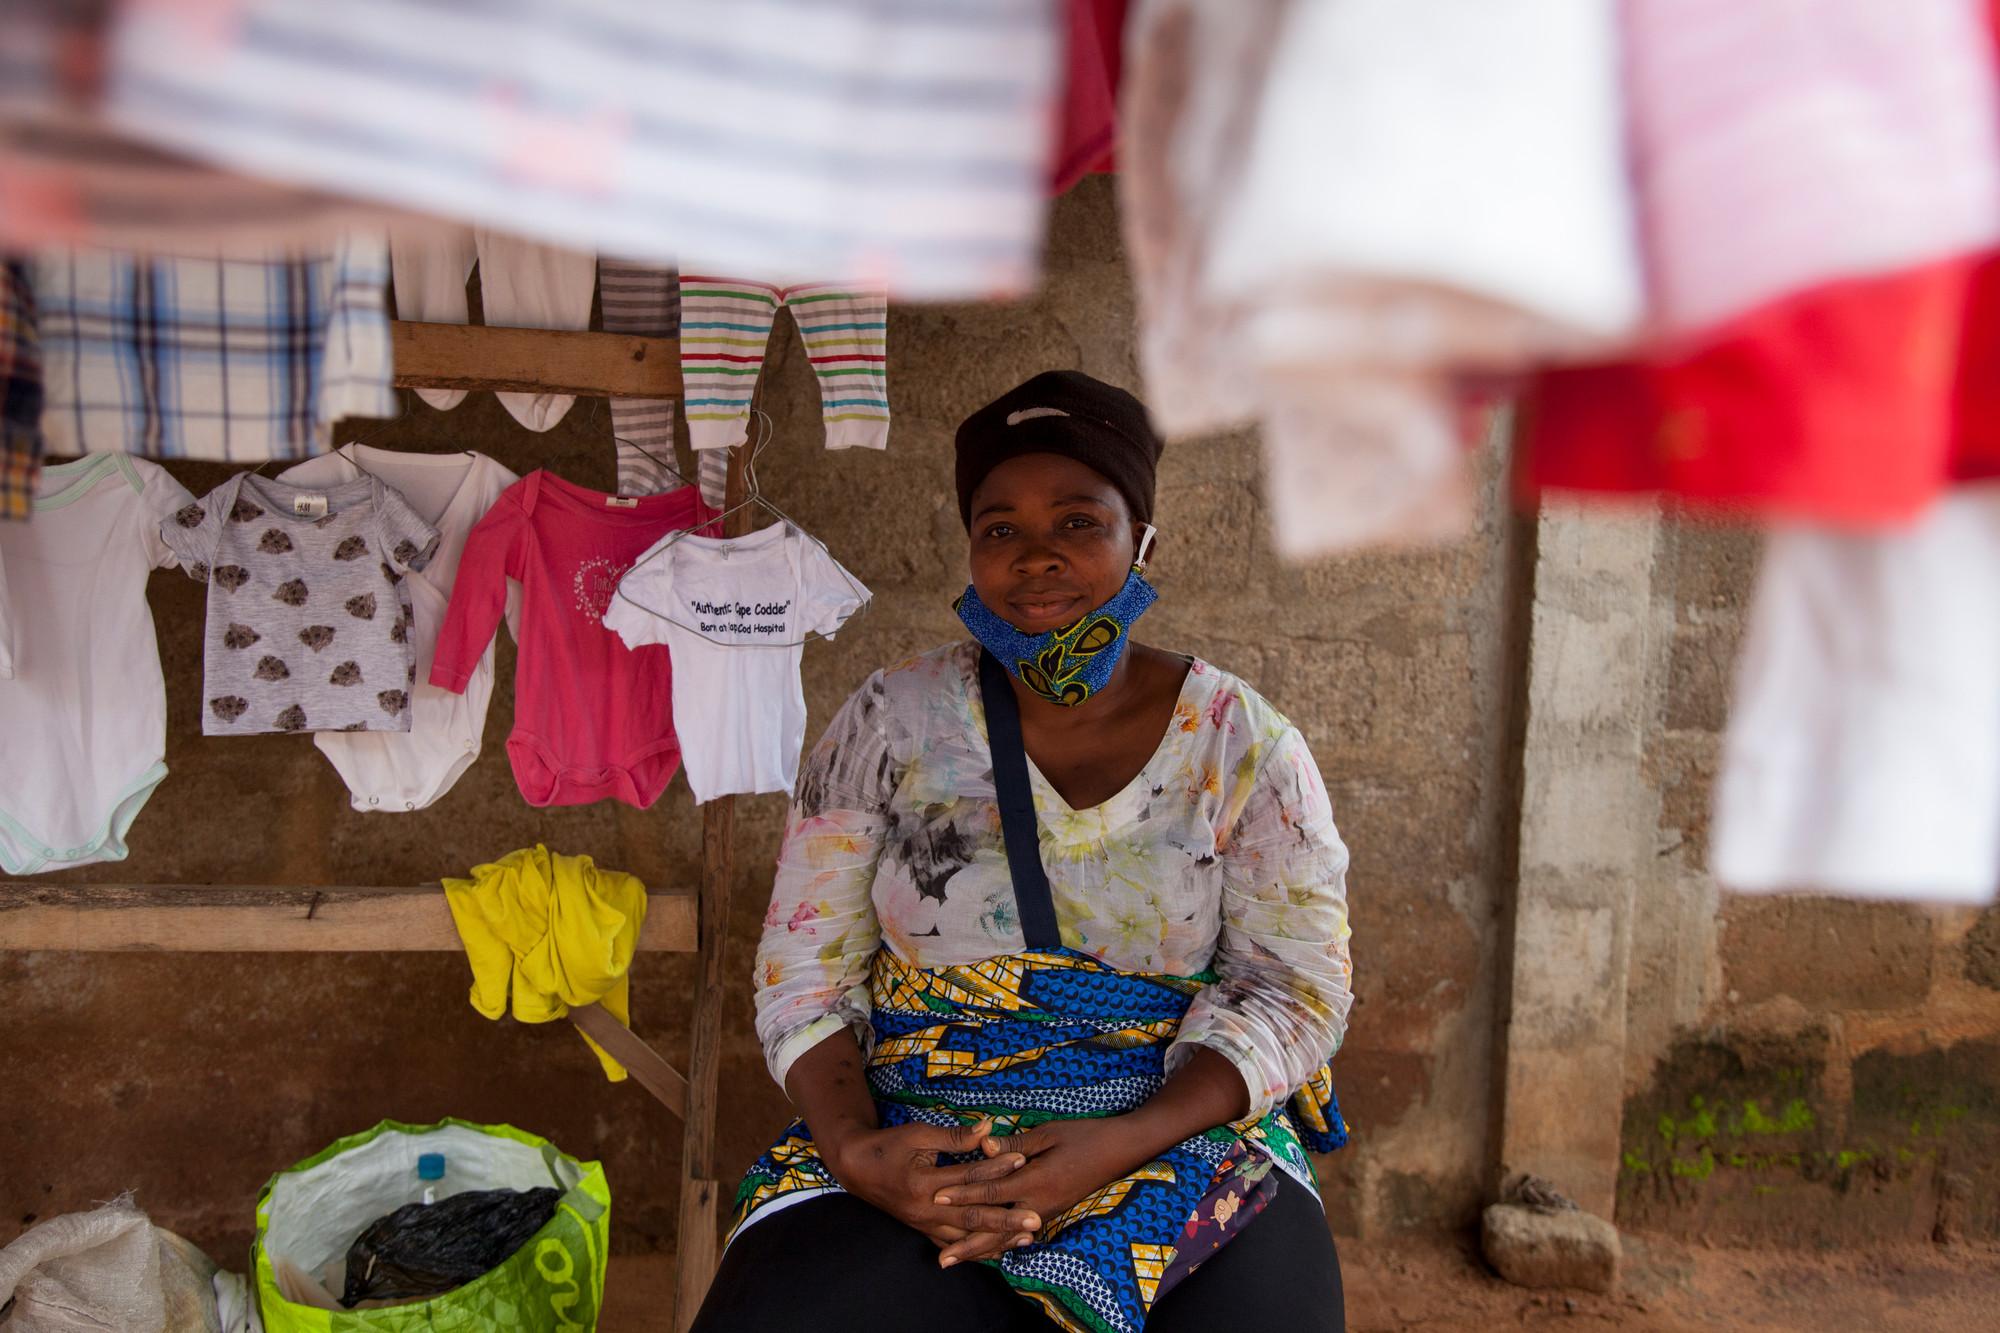 Una mujer sentada en un puesto de venta de ropa en un mercado al aire libre.